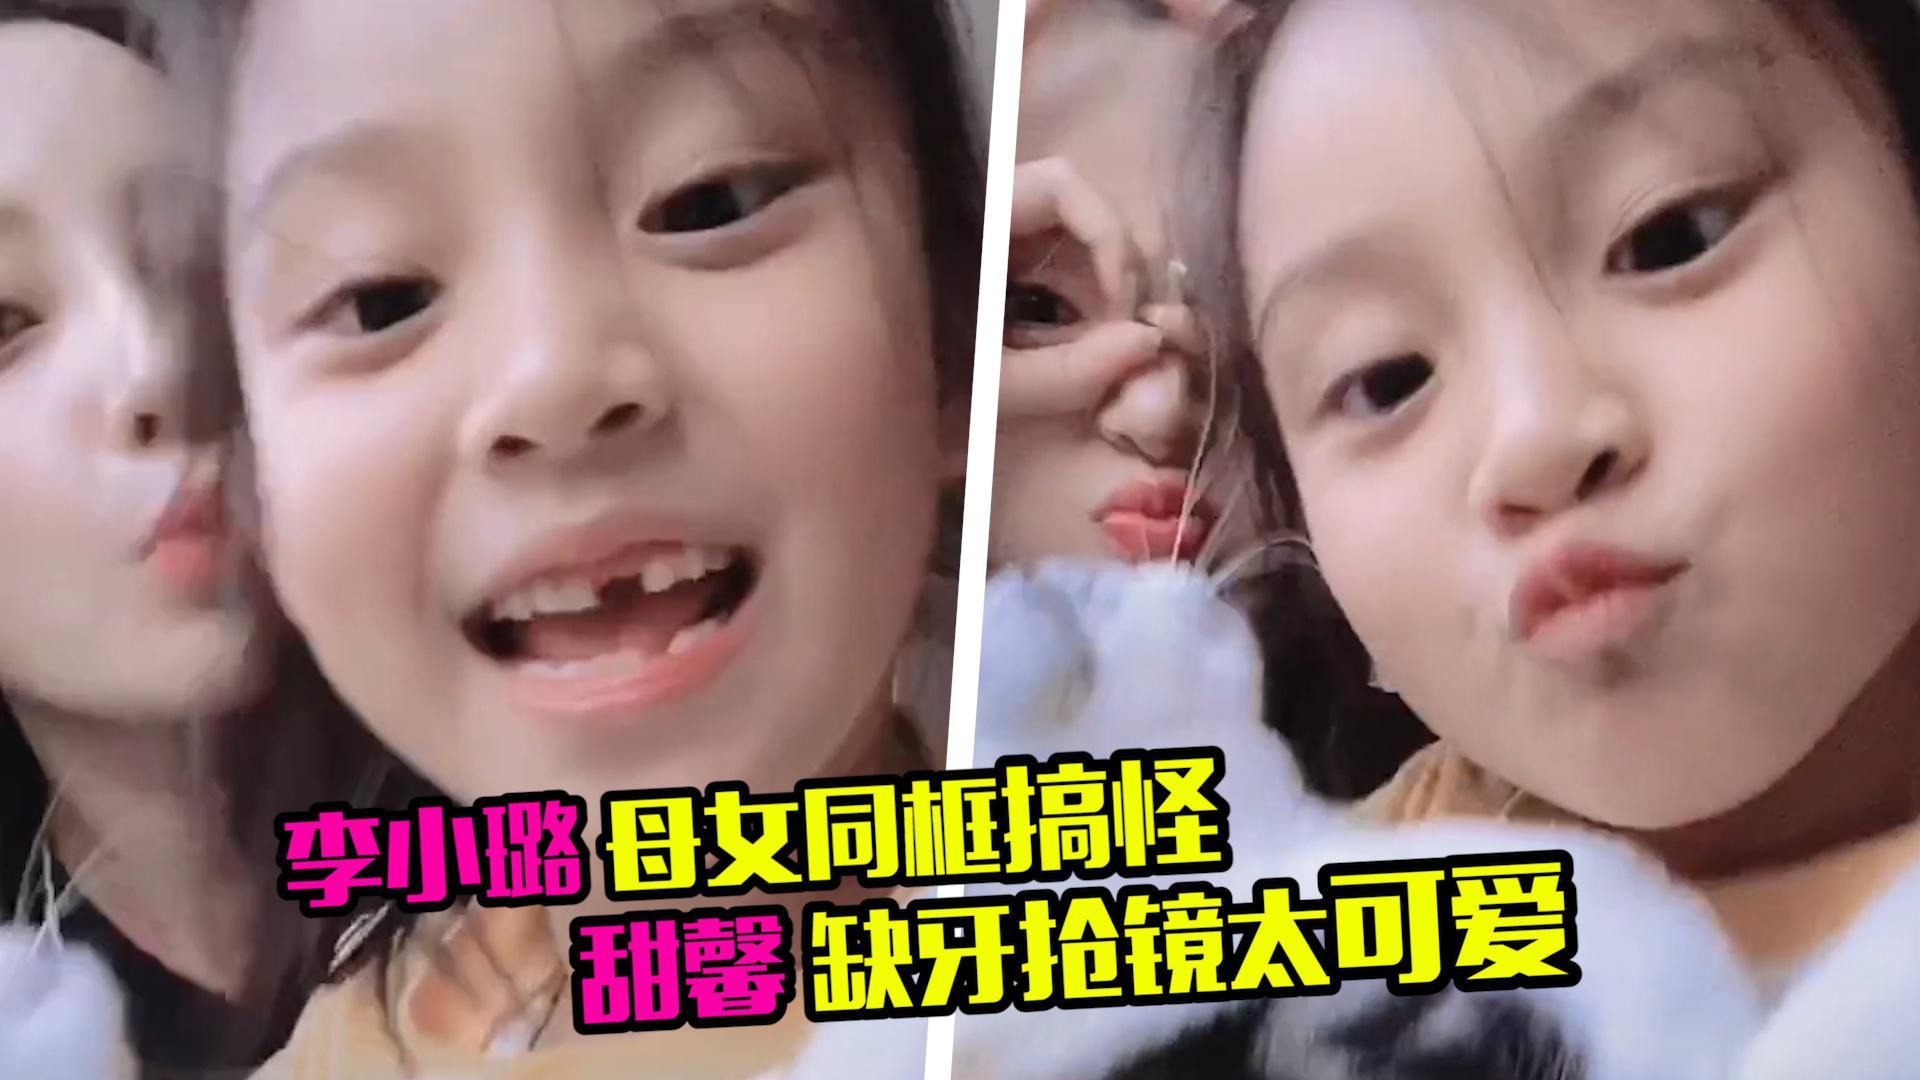 李小璐母女拍搞怪视频,甜馨换牙期牙缝抢镜,摇头晃脑鬼脸太可爱